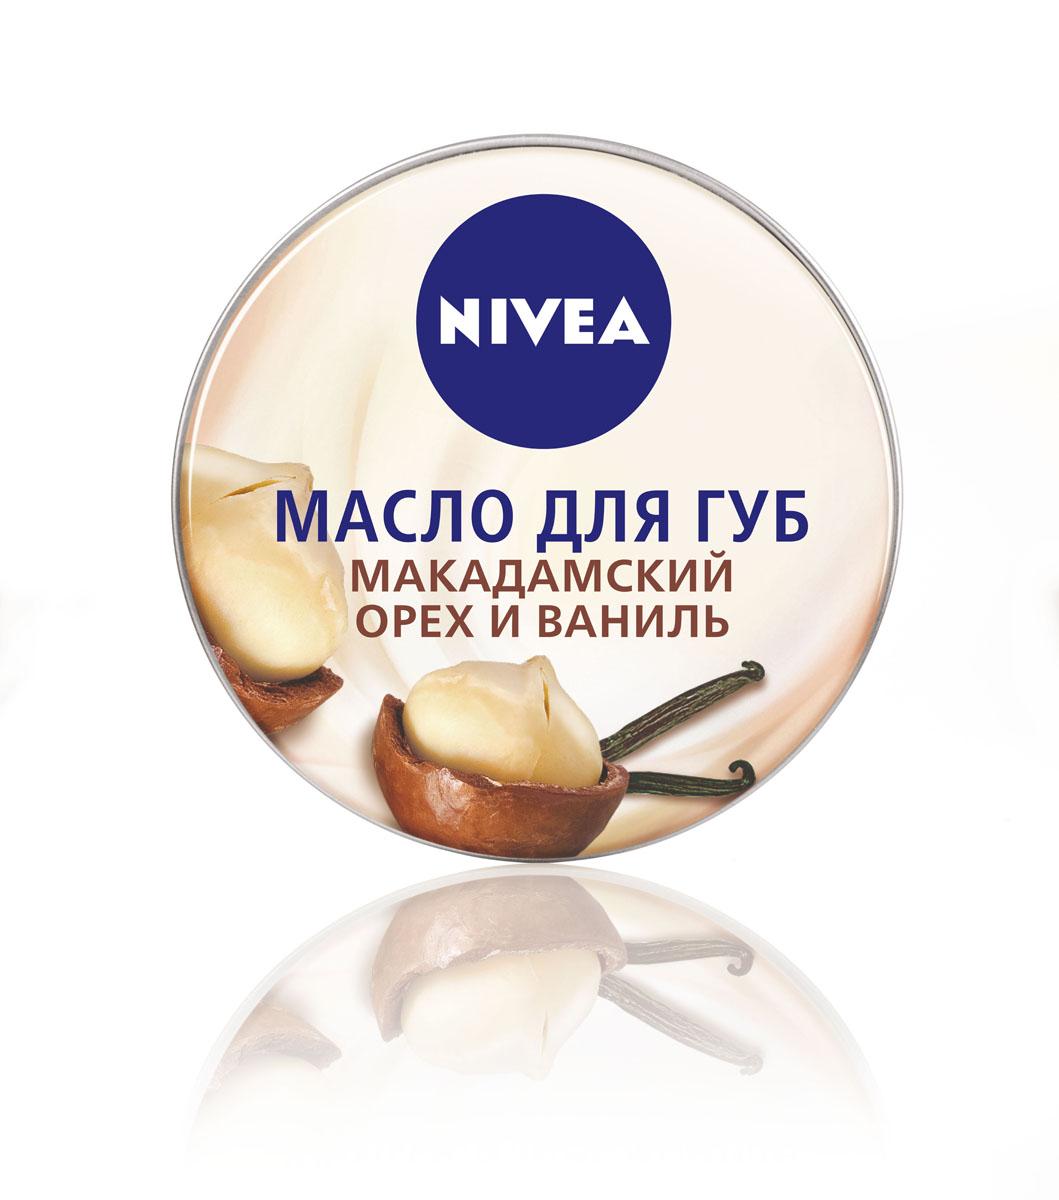 NIVEA Масло для губ «Макадамский орех и ваниль» 19 млSC-FM20104•Масло для губ от NIVEA — это новая гамма восхитительных вкусов и ароматов, которая превращает уход за губами в истинное удовольствие. Увлажняющая формула, обогощенная маслами карите и миндаля, интенсивно и надолго увлажняет кожу губ. Масло для губ с нежным ароматом ванили и макадамского ореха делает кожу губ невероятно мягкой.Как это работает•обеспечивает интенсивный уход в течение длительного времени•подходит для сухих губ•придает необыкновенную мягкость•придает естественный блеск Одобрено дерматологами NIVEA — всё для самых нежных поцелуев!